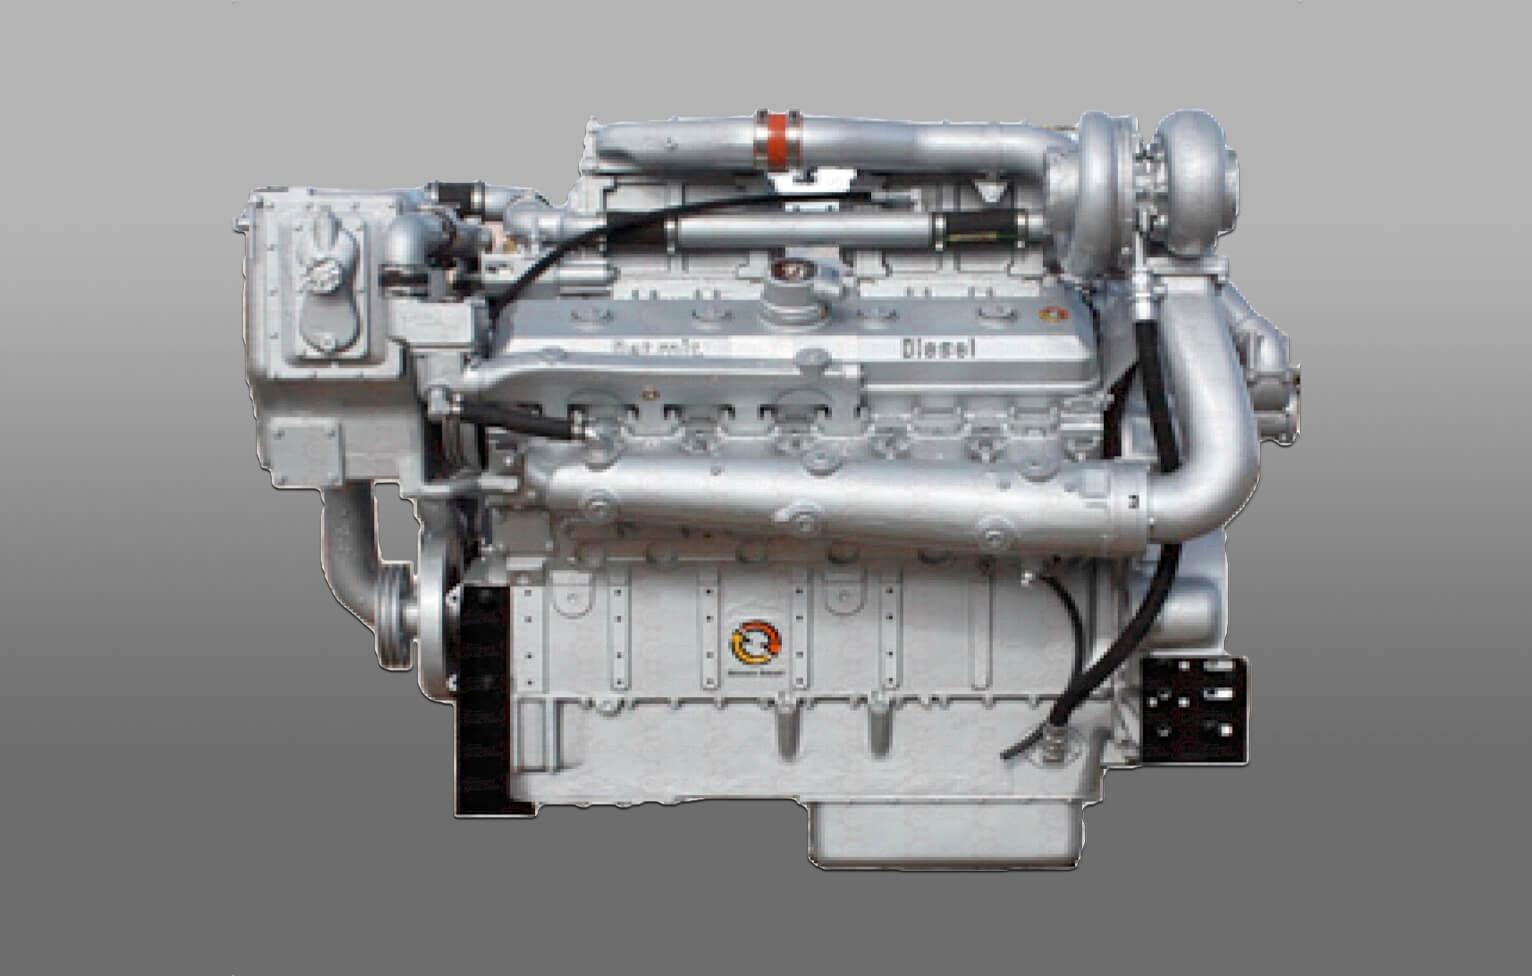 Moteur diesel industriel obsolète